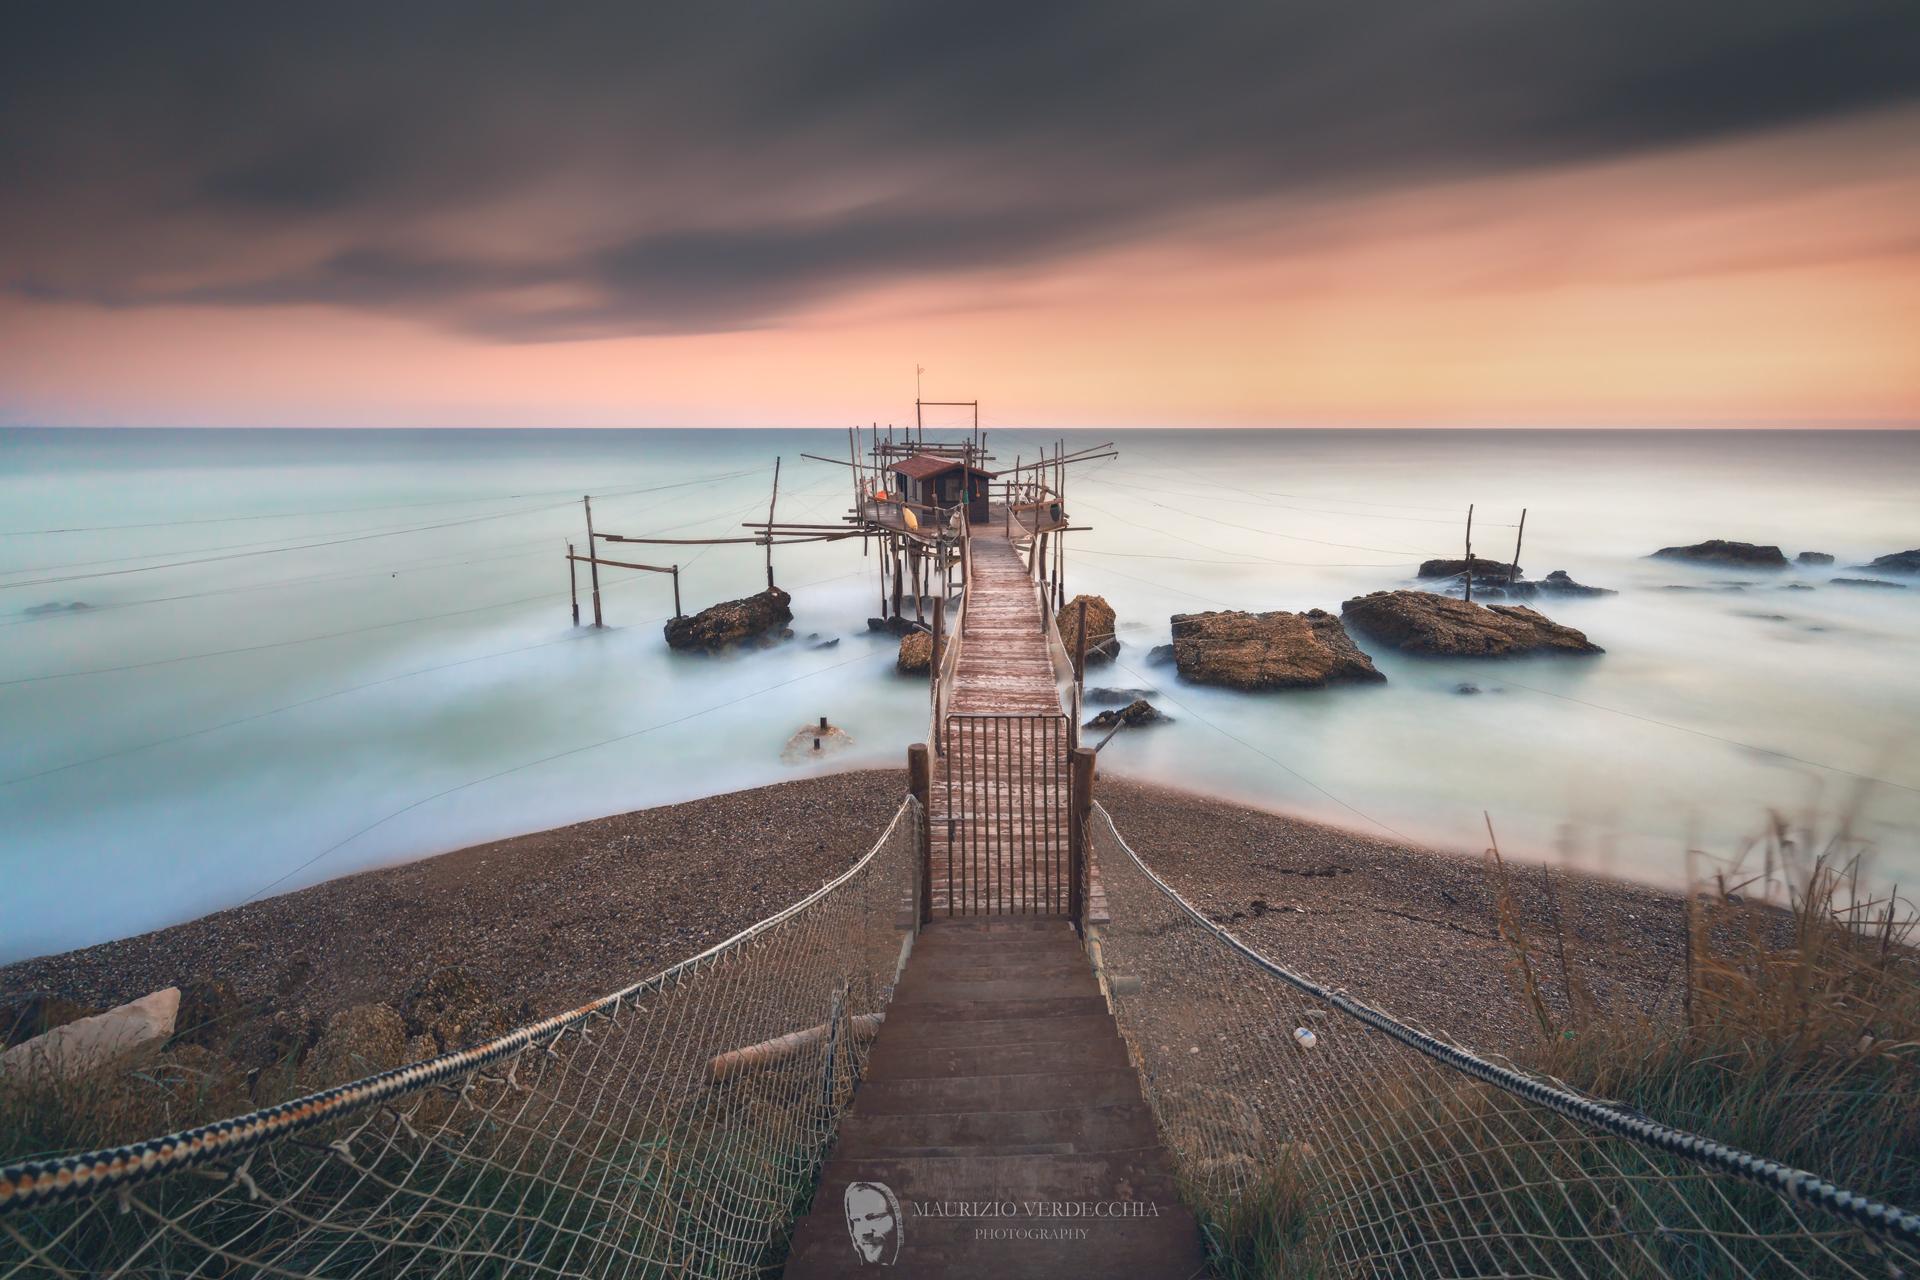 Coast of Trabocchi...